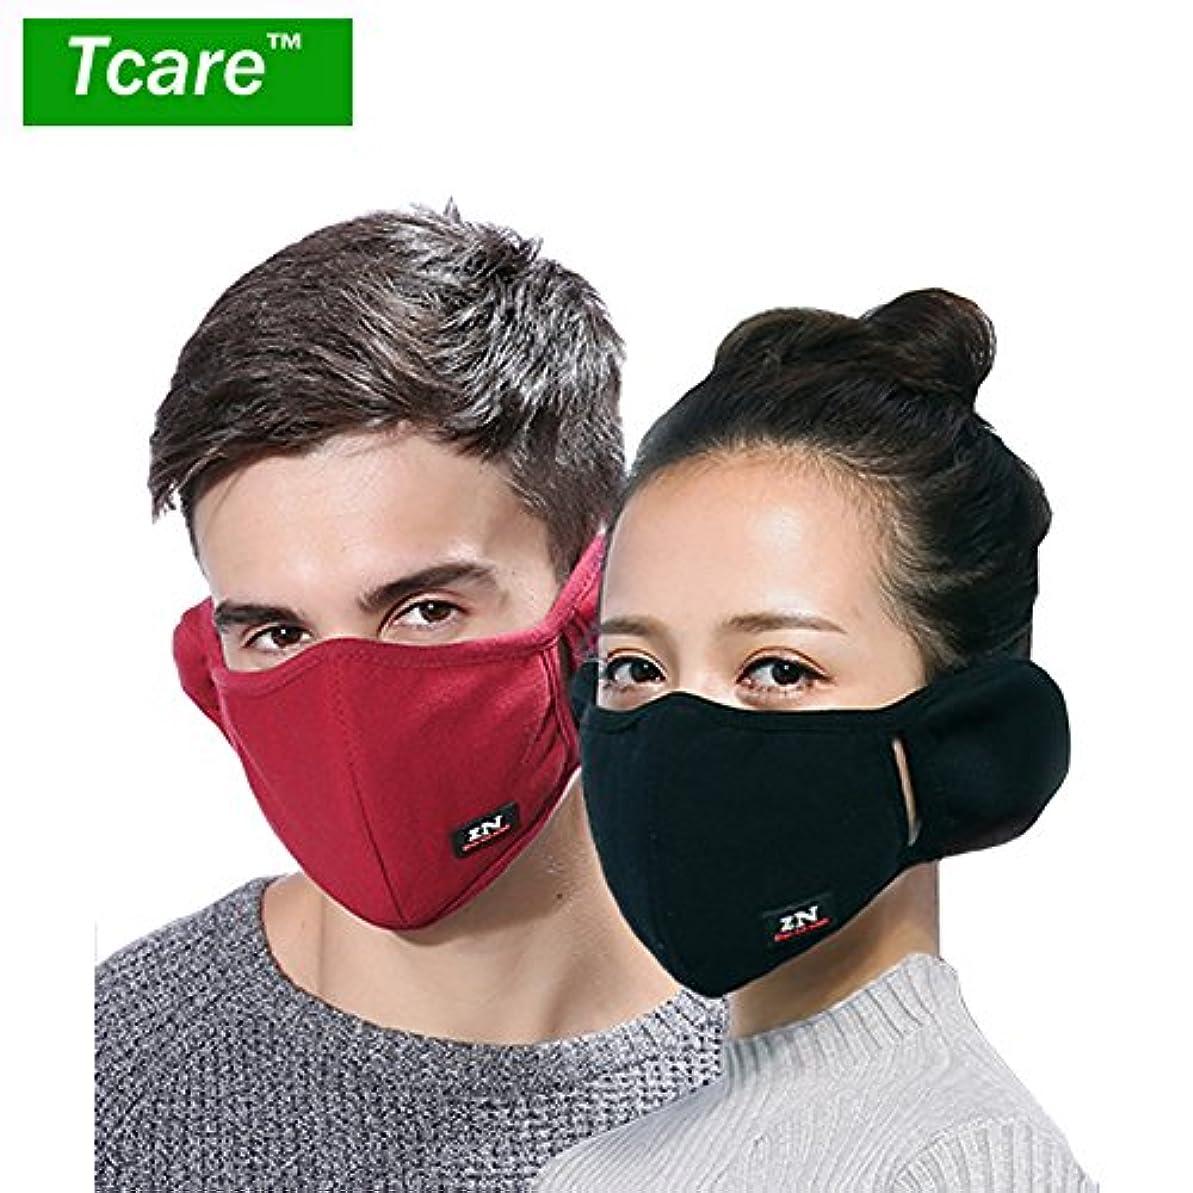 オゾン雇用圧縮された男性女性の少年少女のためのTcare呼吸器2レイヤピュアコットン保護フィルター挿入口:3ライト